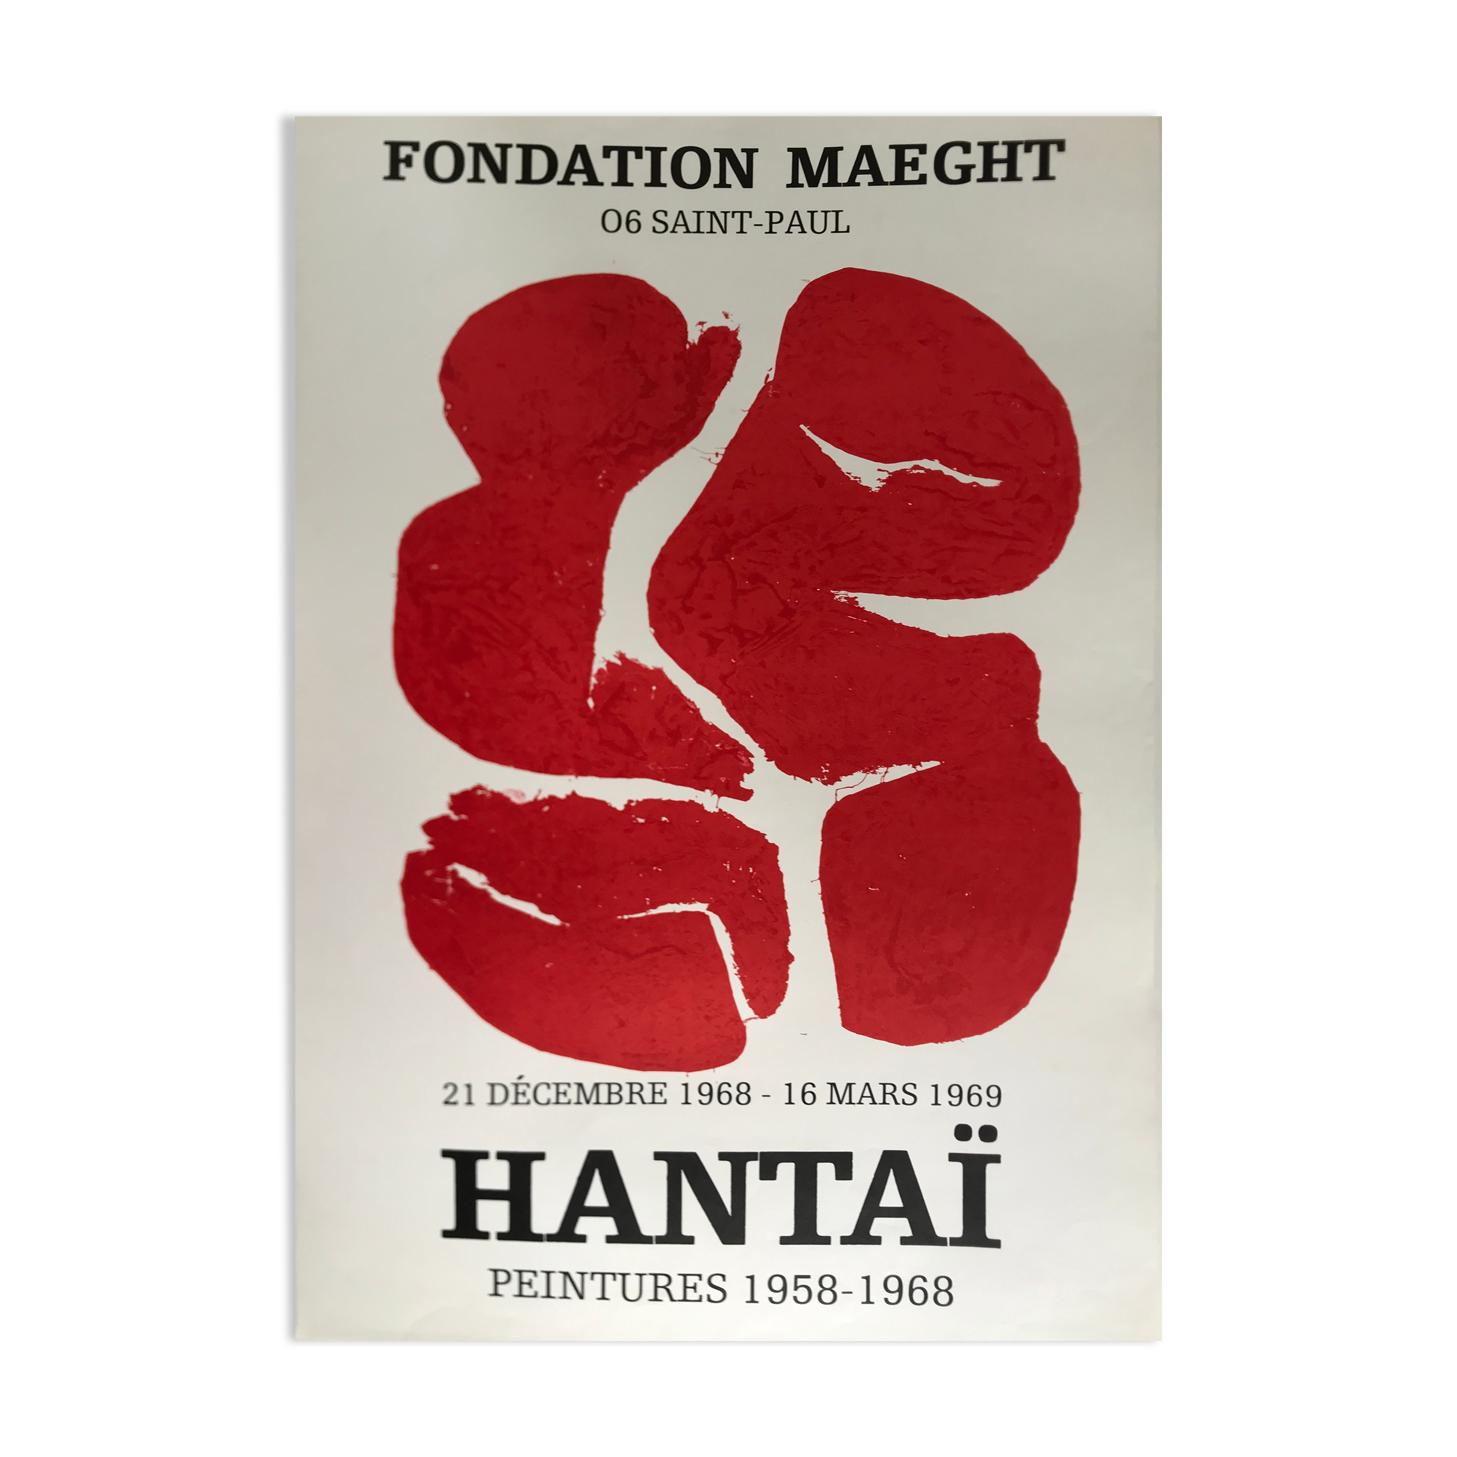 Affiche originale éditée en lithographie Simon Hantai, Fondation Maeght, 1968